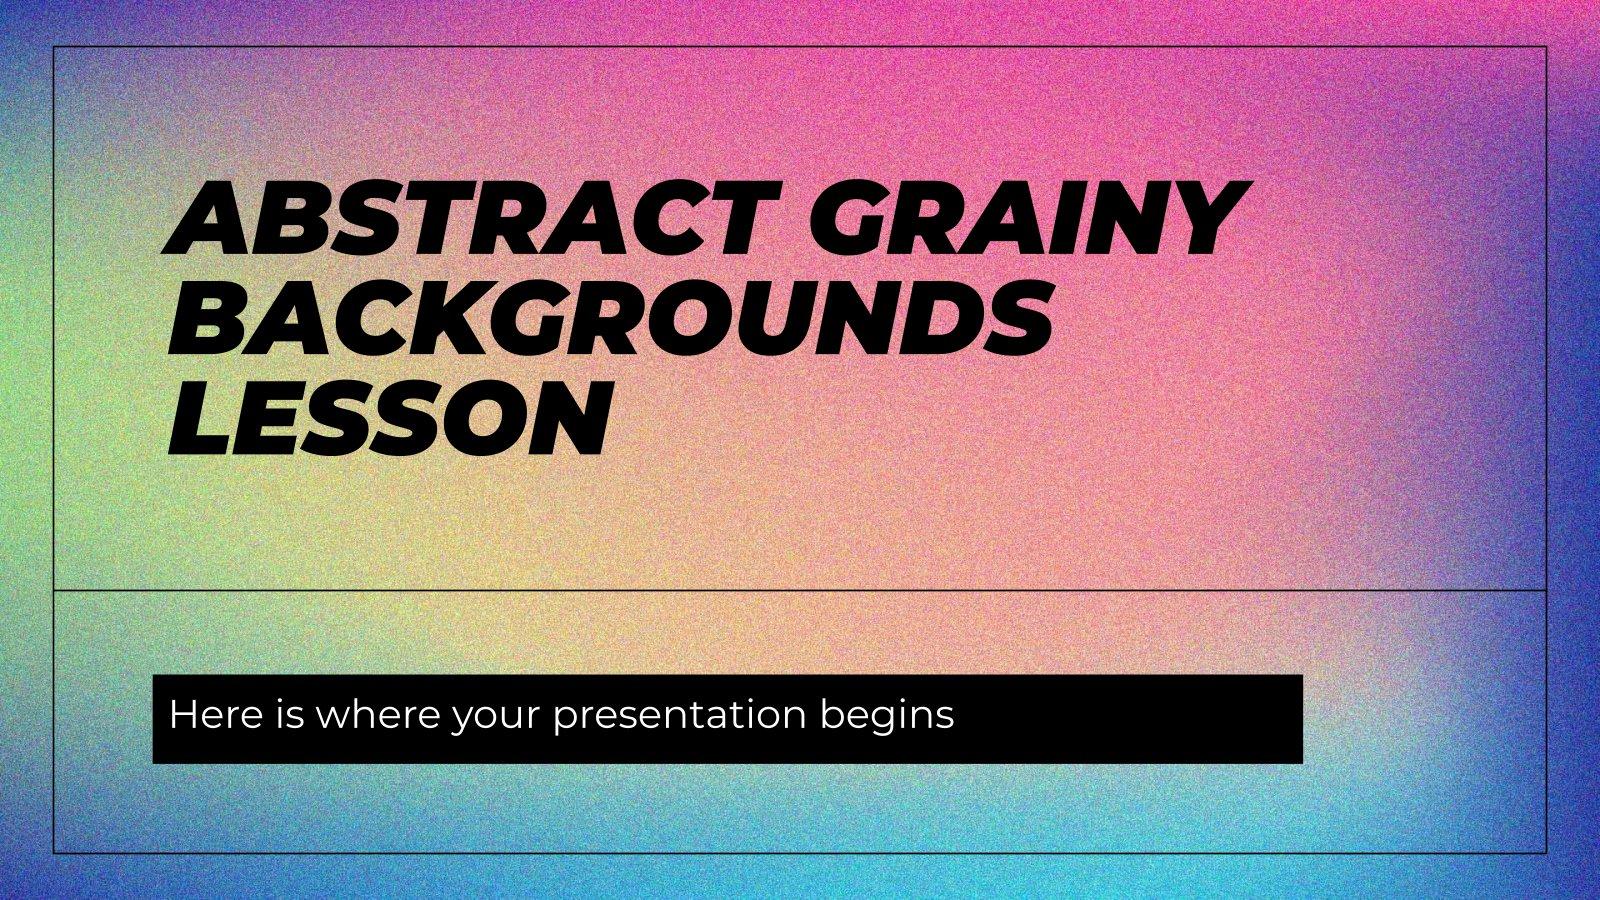 Modelo de apresentação Fundos granulosos abstratos para aulas